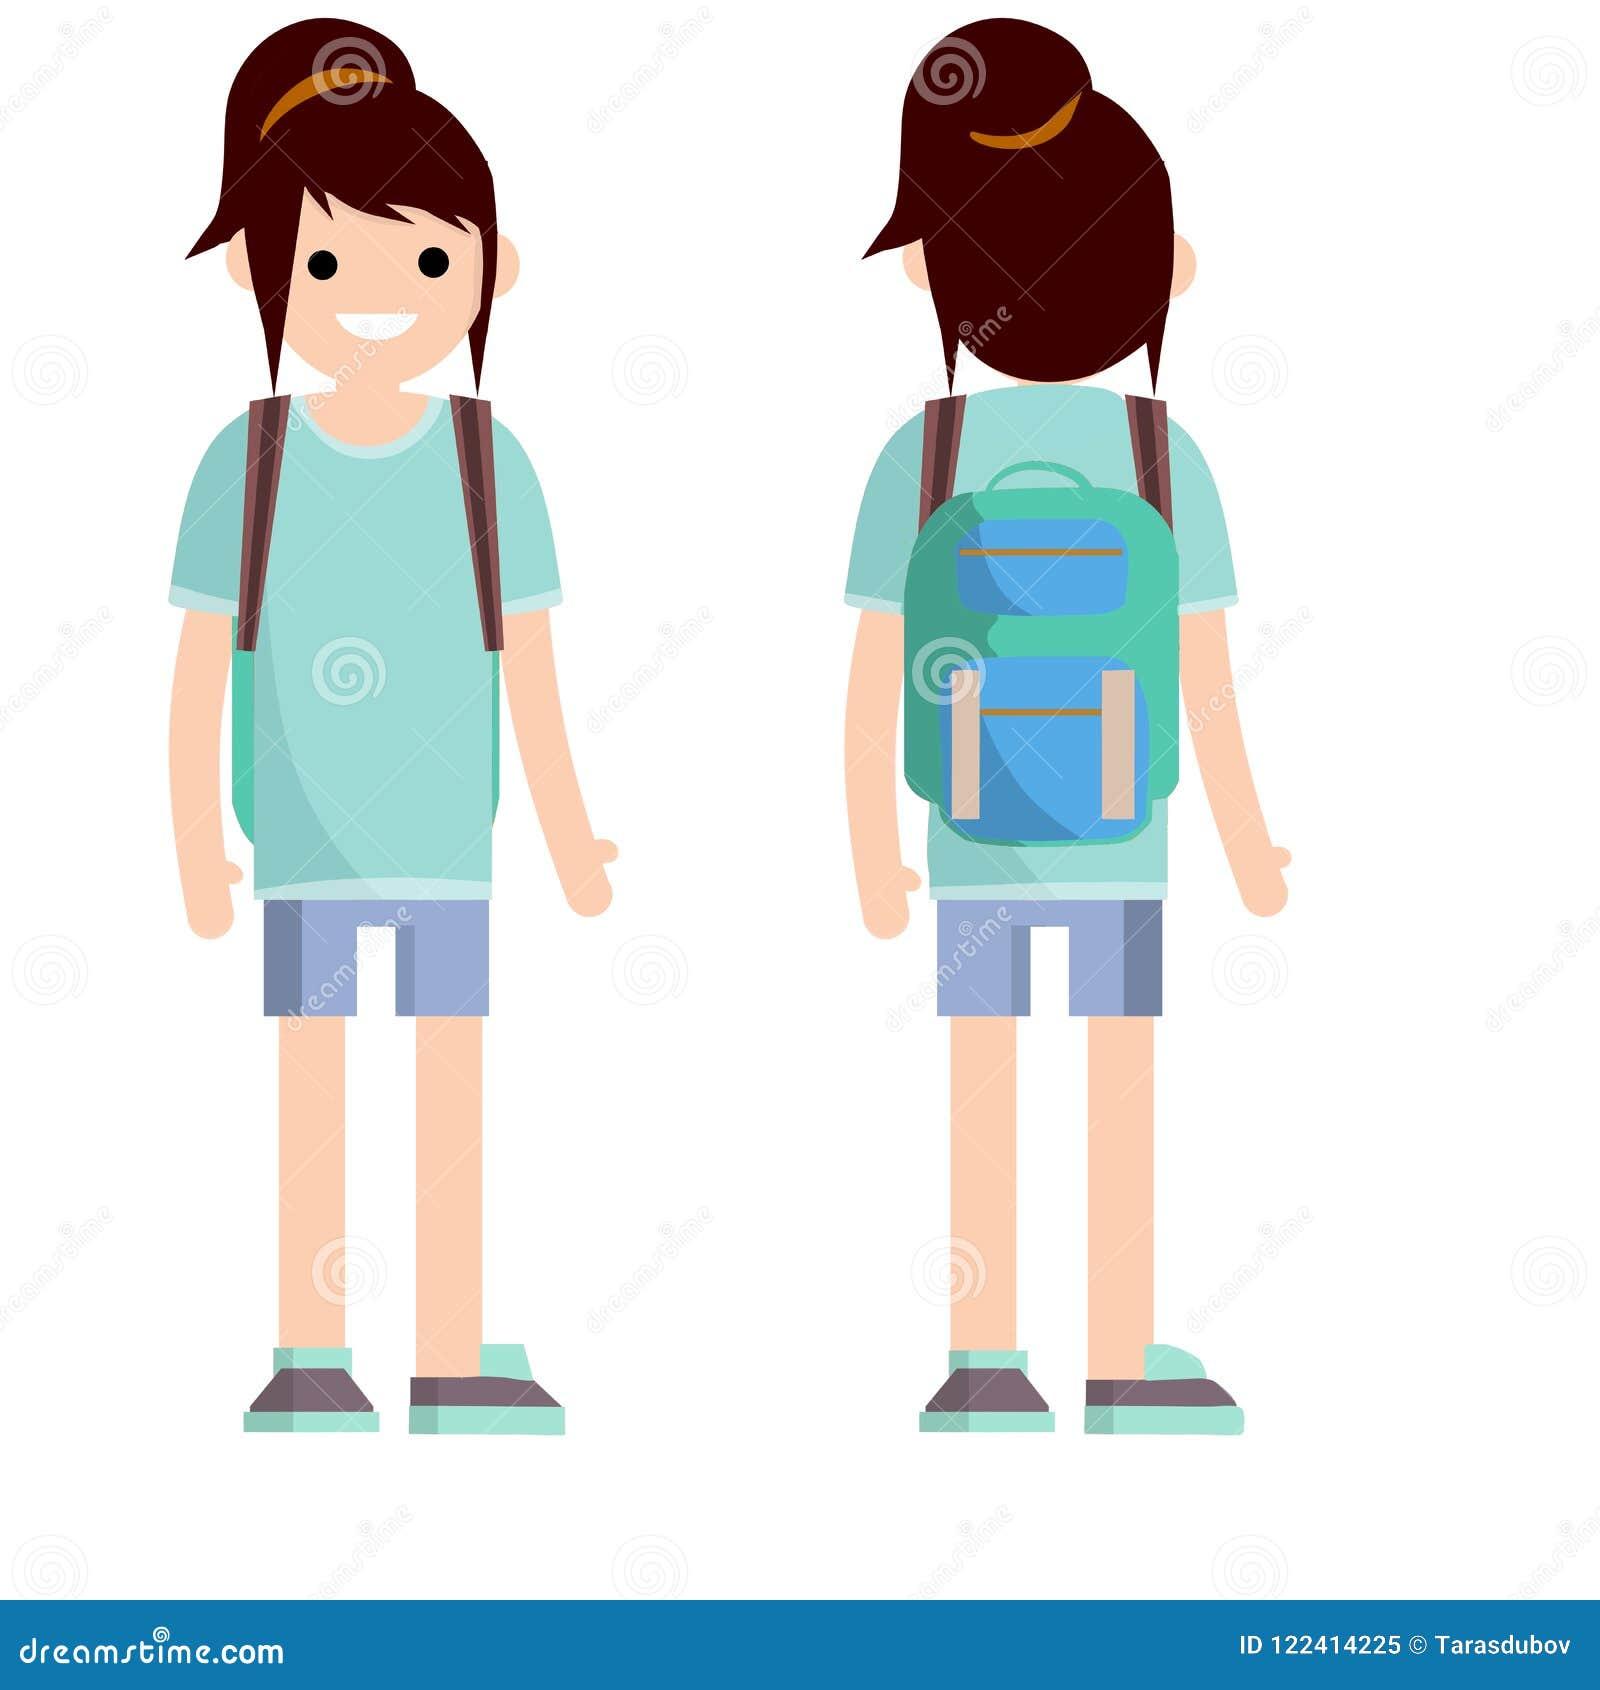 Sad Blond Boy, Primary School Kid, Miembro De La Clase Elemental, Aislado  Joven Estudiante Carácter Ilustraciones Vectoriales, Clip Art Vectorizado  Libre De Derechos. Image 74660909.